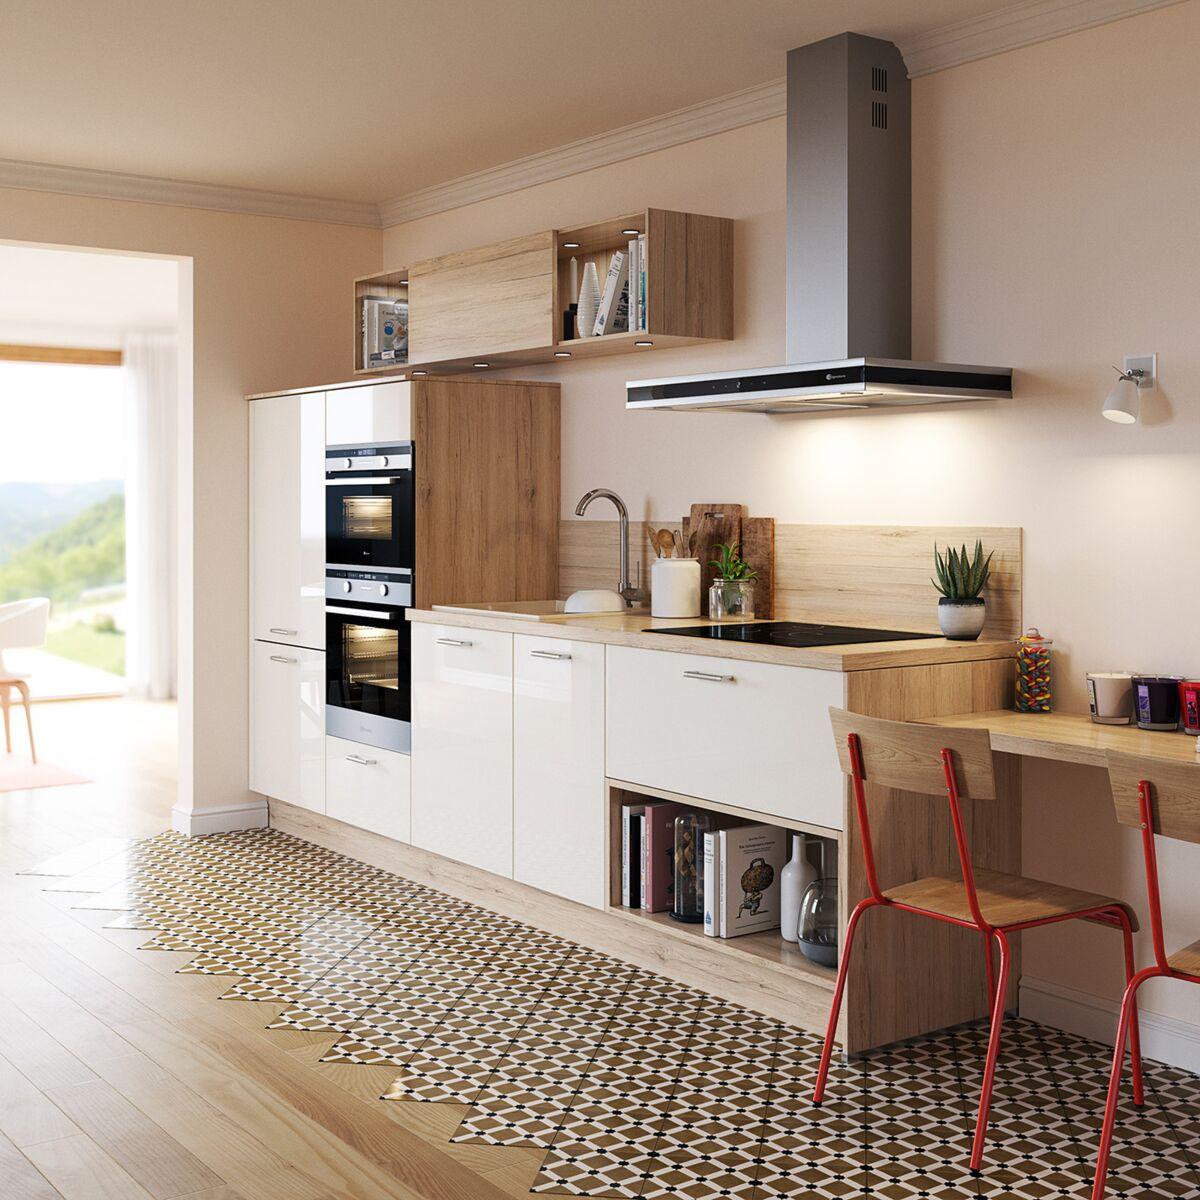 Agencement de cuisine : 19 conseils pour aménager un espace tout